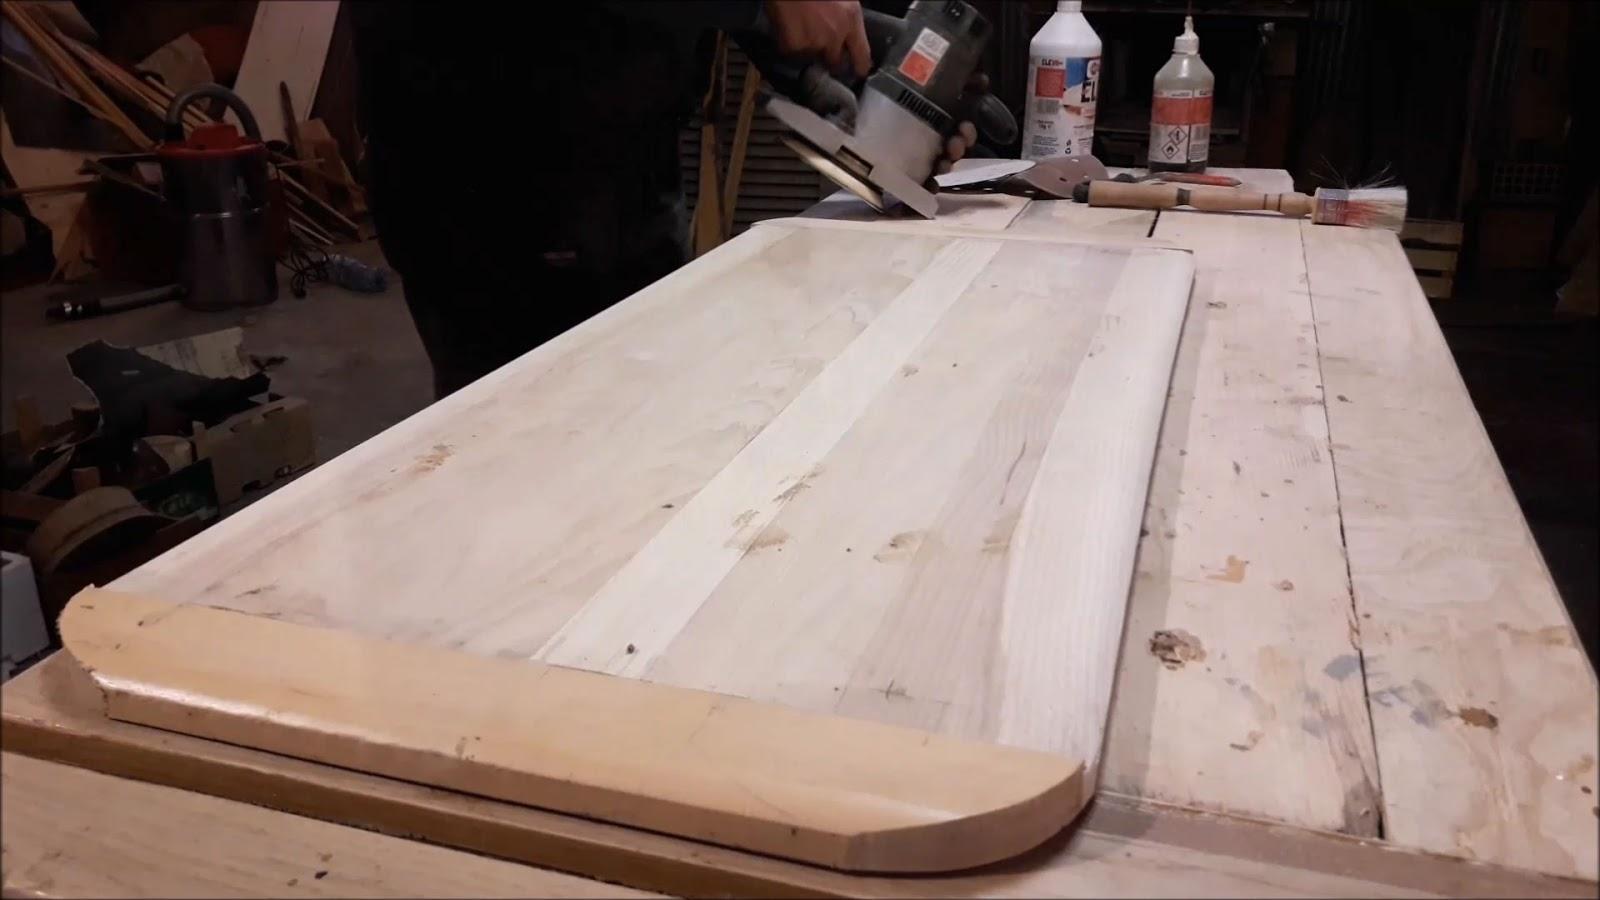 Tavolini In Legno Fai Da Te : Pietro maker artigiano fai da te video tutorial hobby